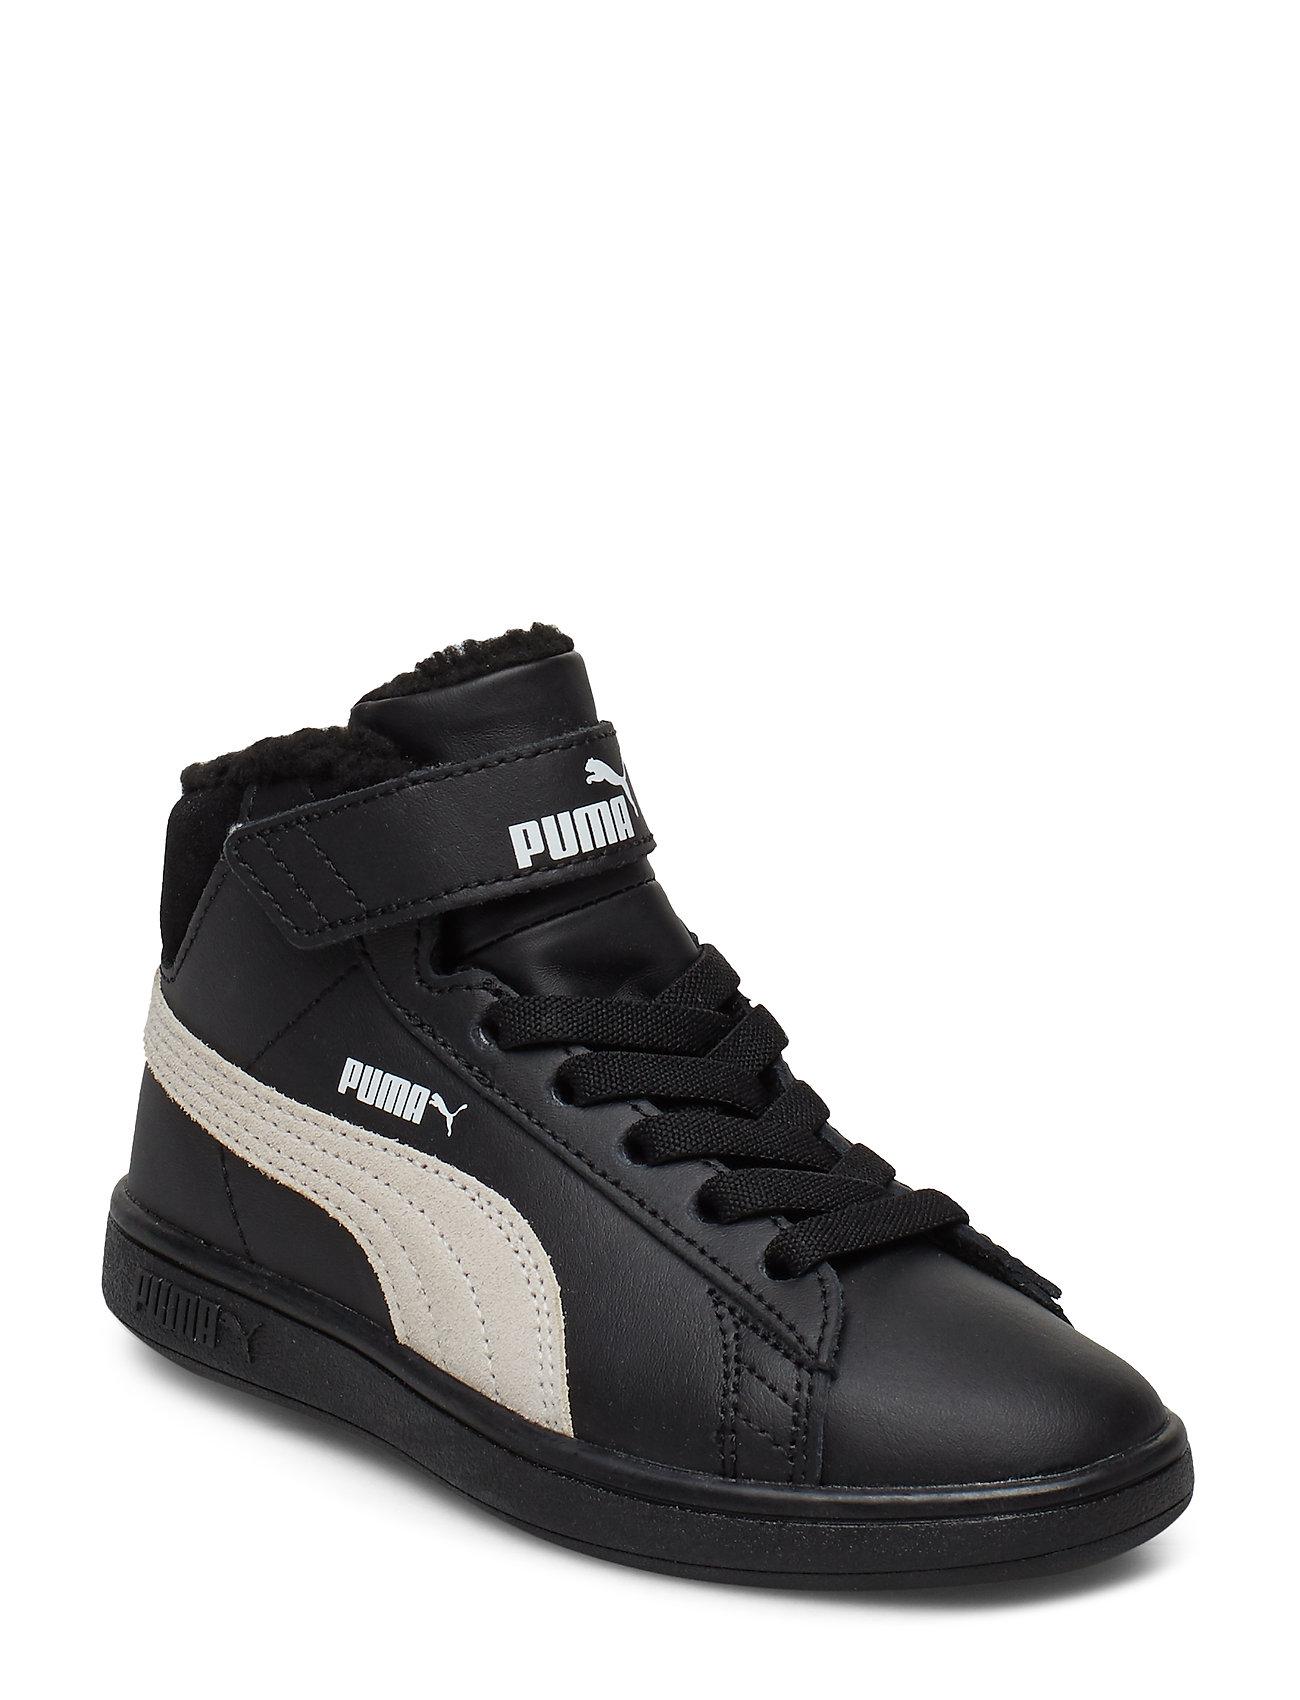 PUMA Puma Smash v2 Mid L Fur V PS - PUMA BLACK-WHISPER WHITE